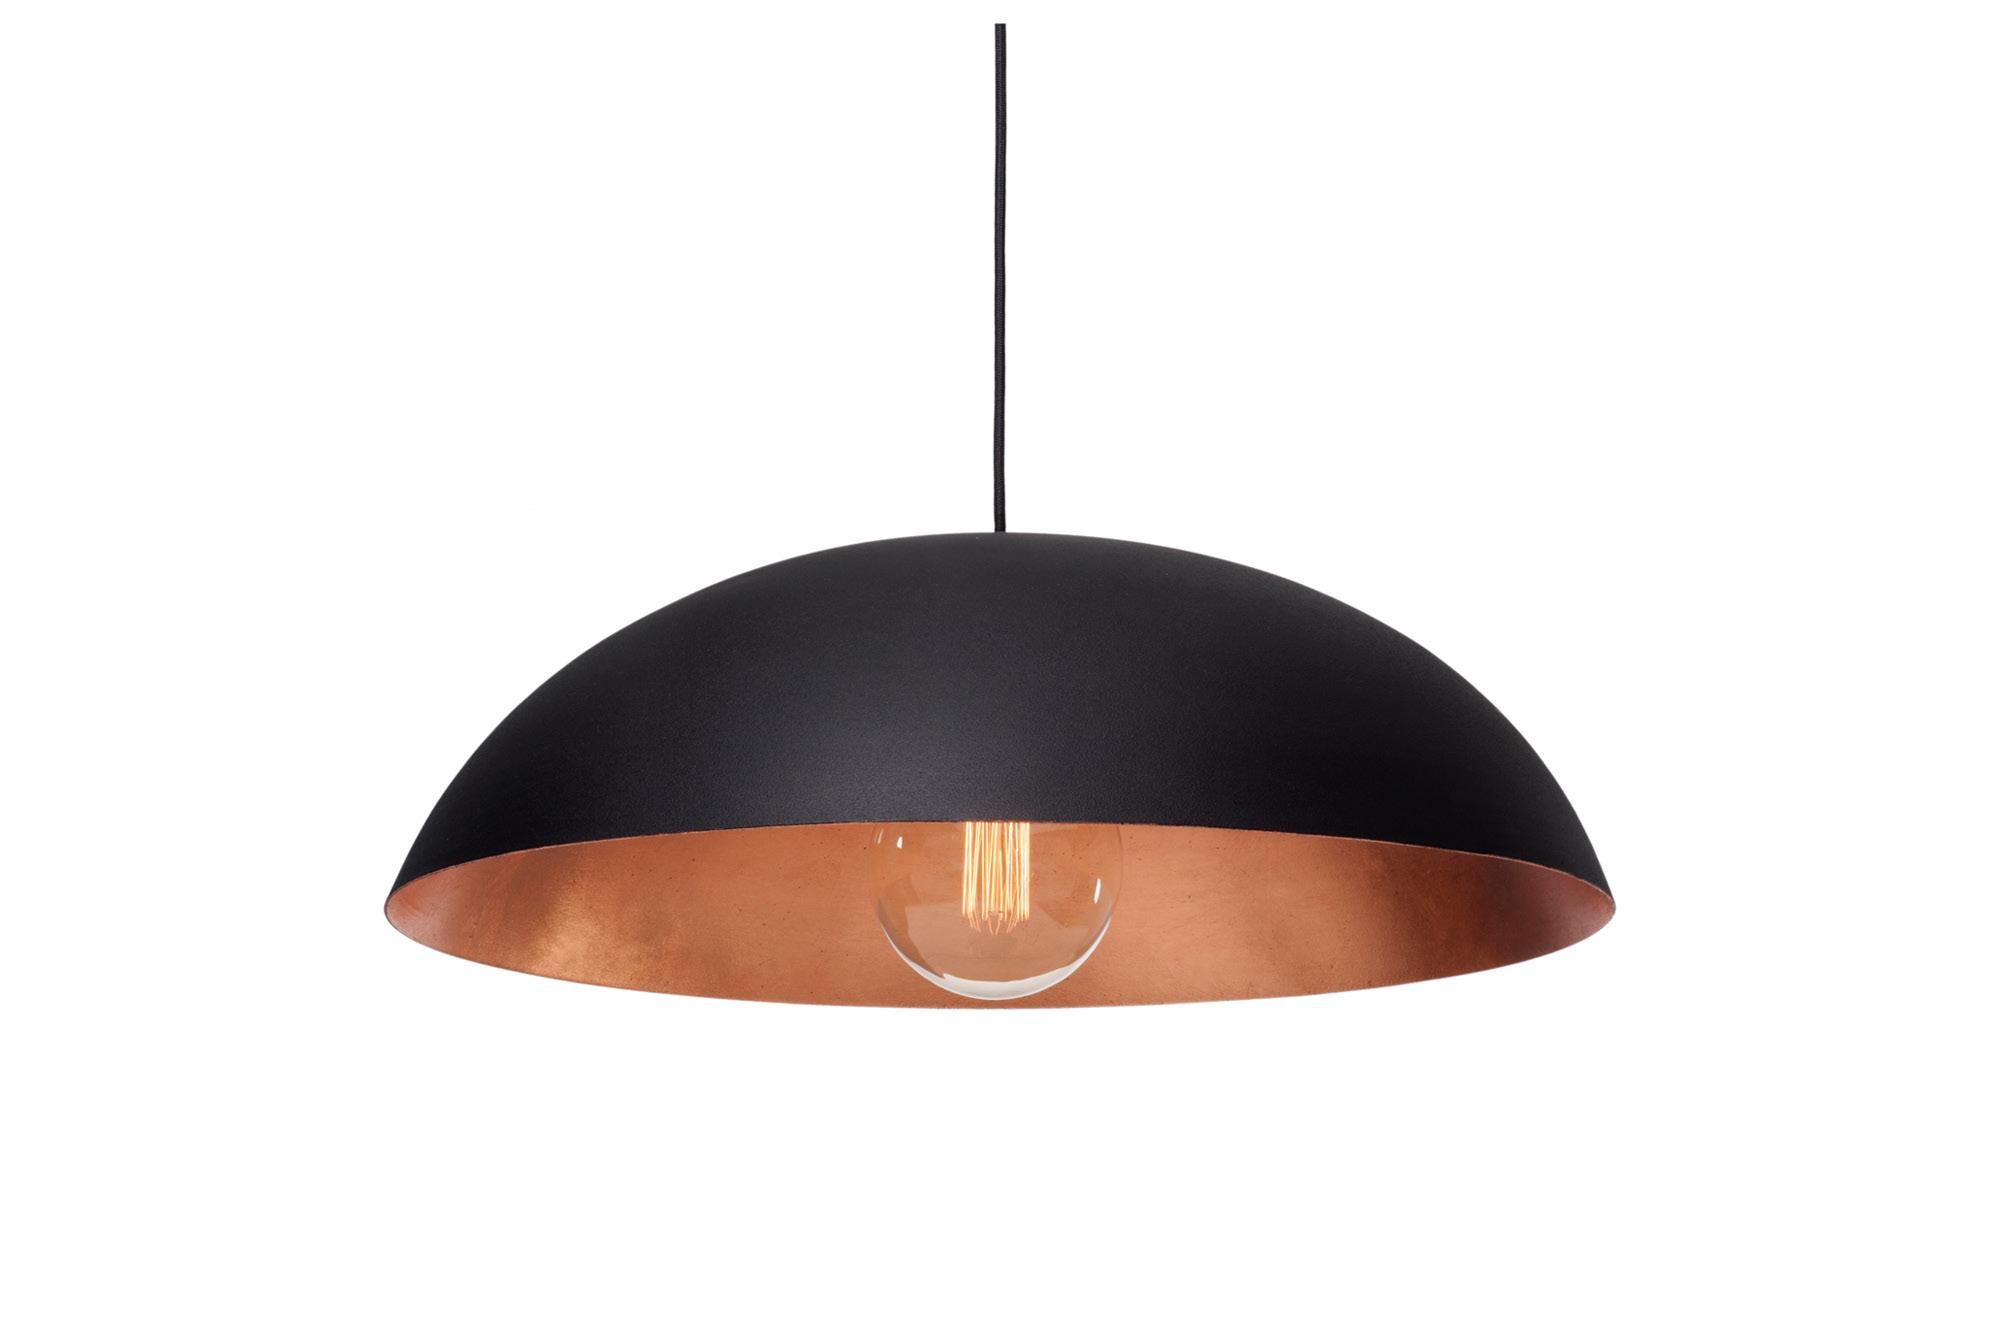 METAL-LEAF dome lamp_1.jpg